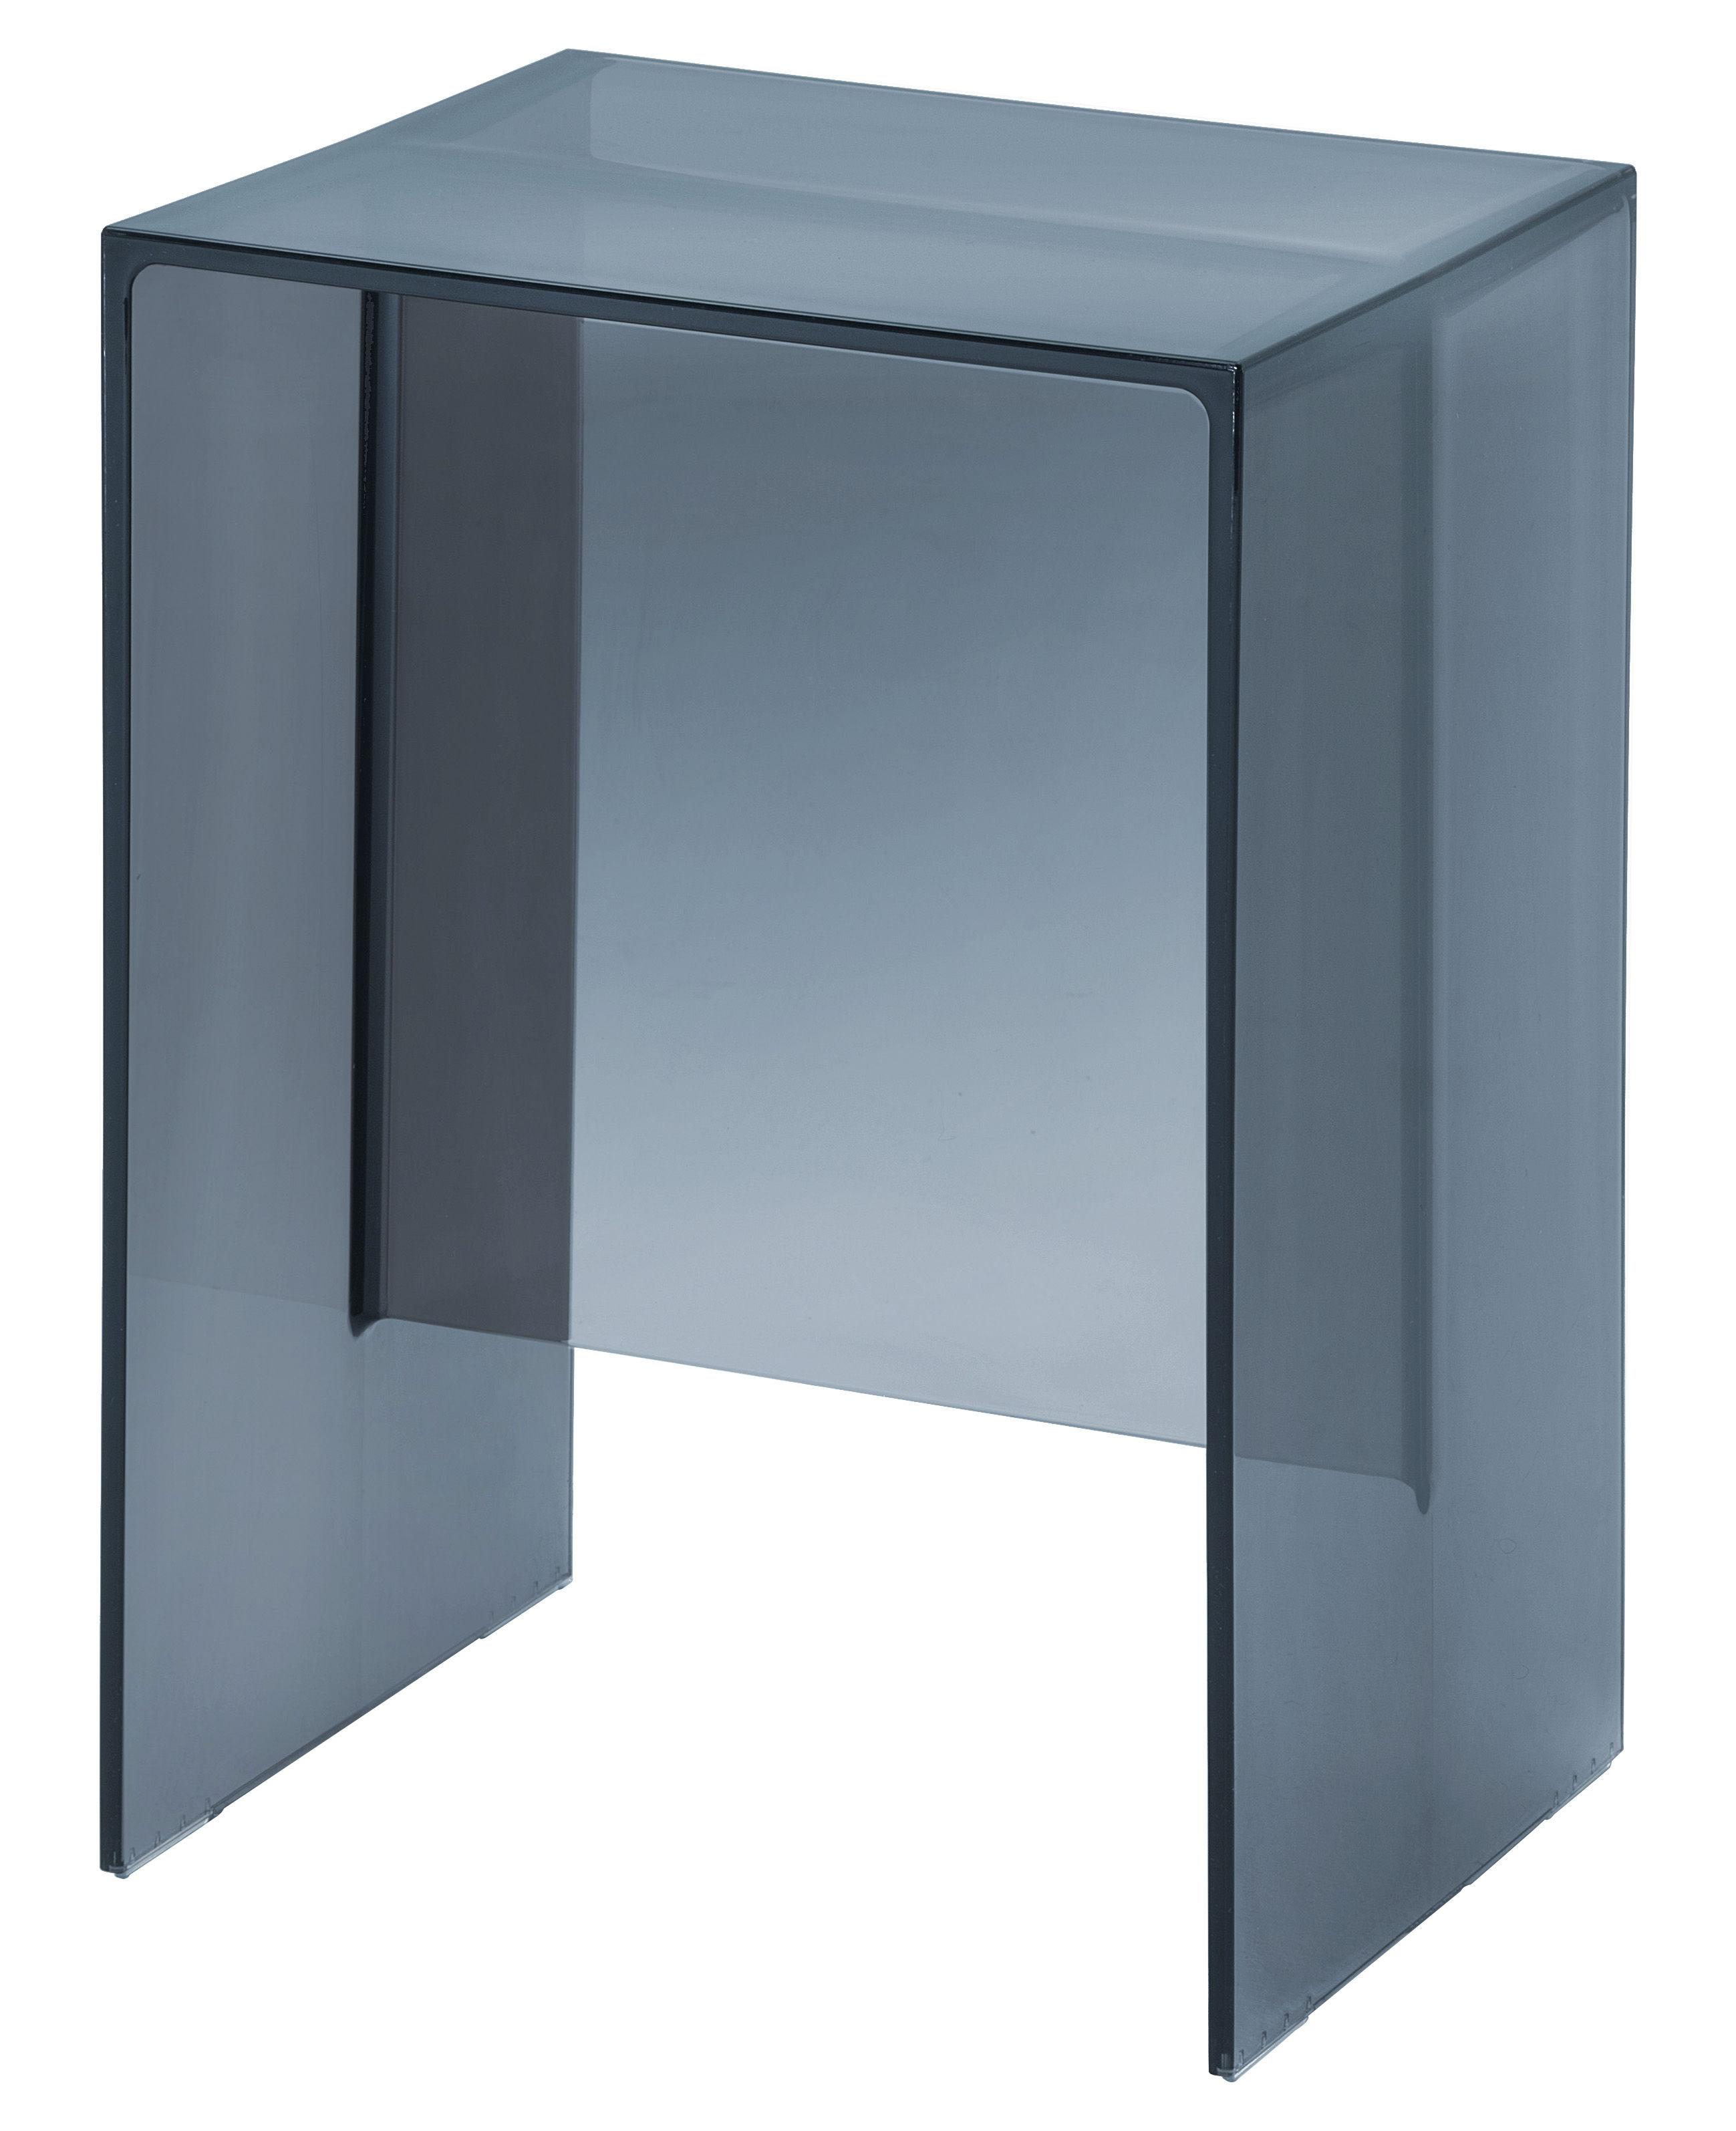 Arredamento - Tavolini  - Tavolino d'appoggio Max-Beam - / Sgabello - 33 x 27 cm di Kartell - Blu crepuscolo - PMMA